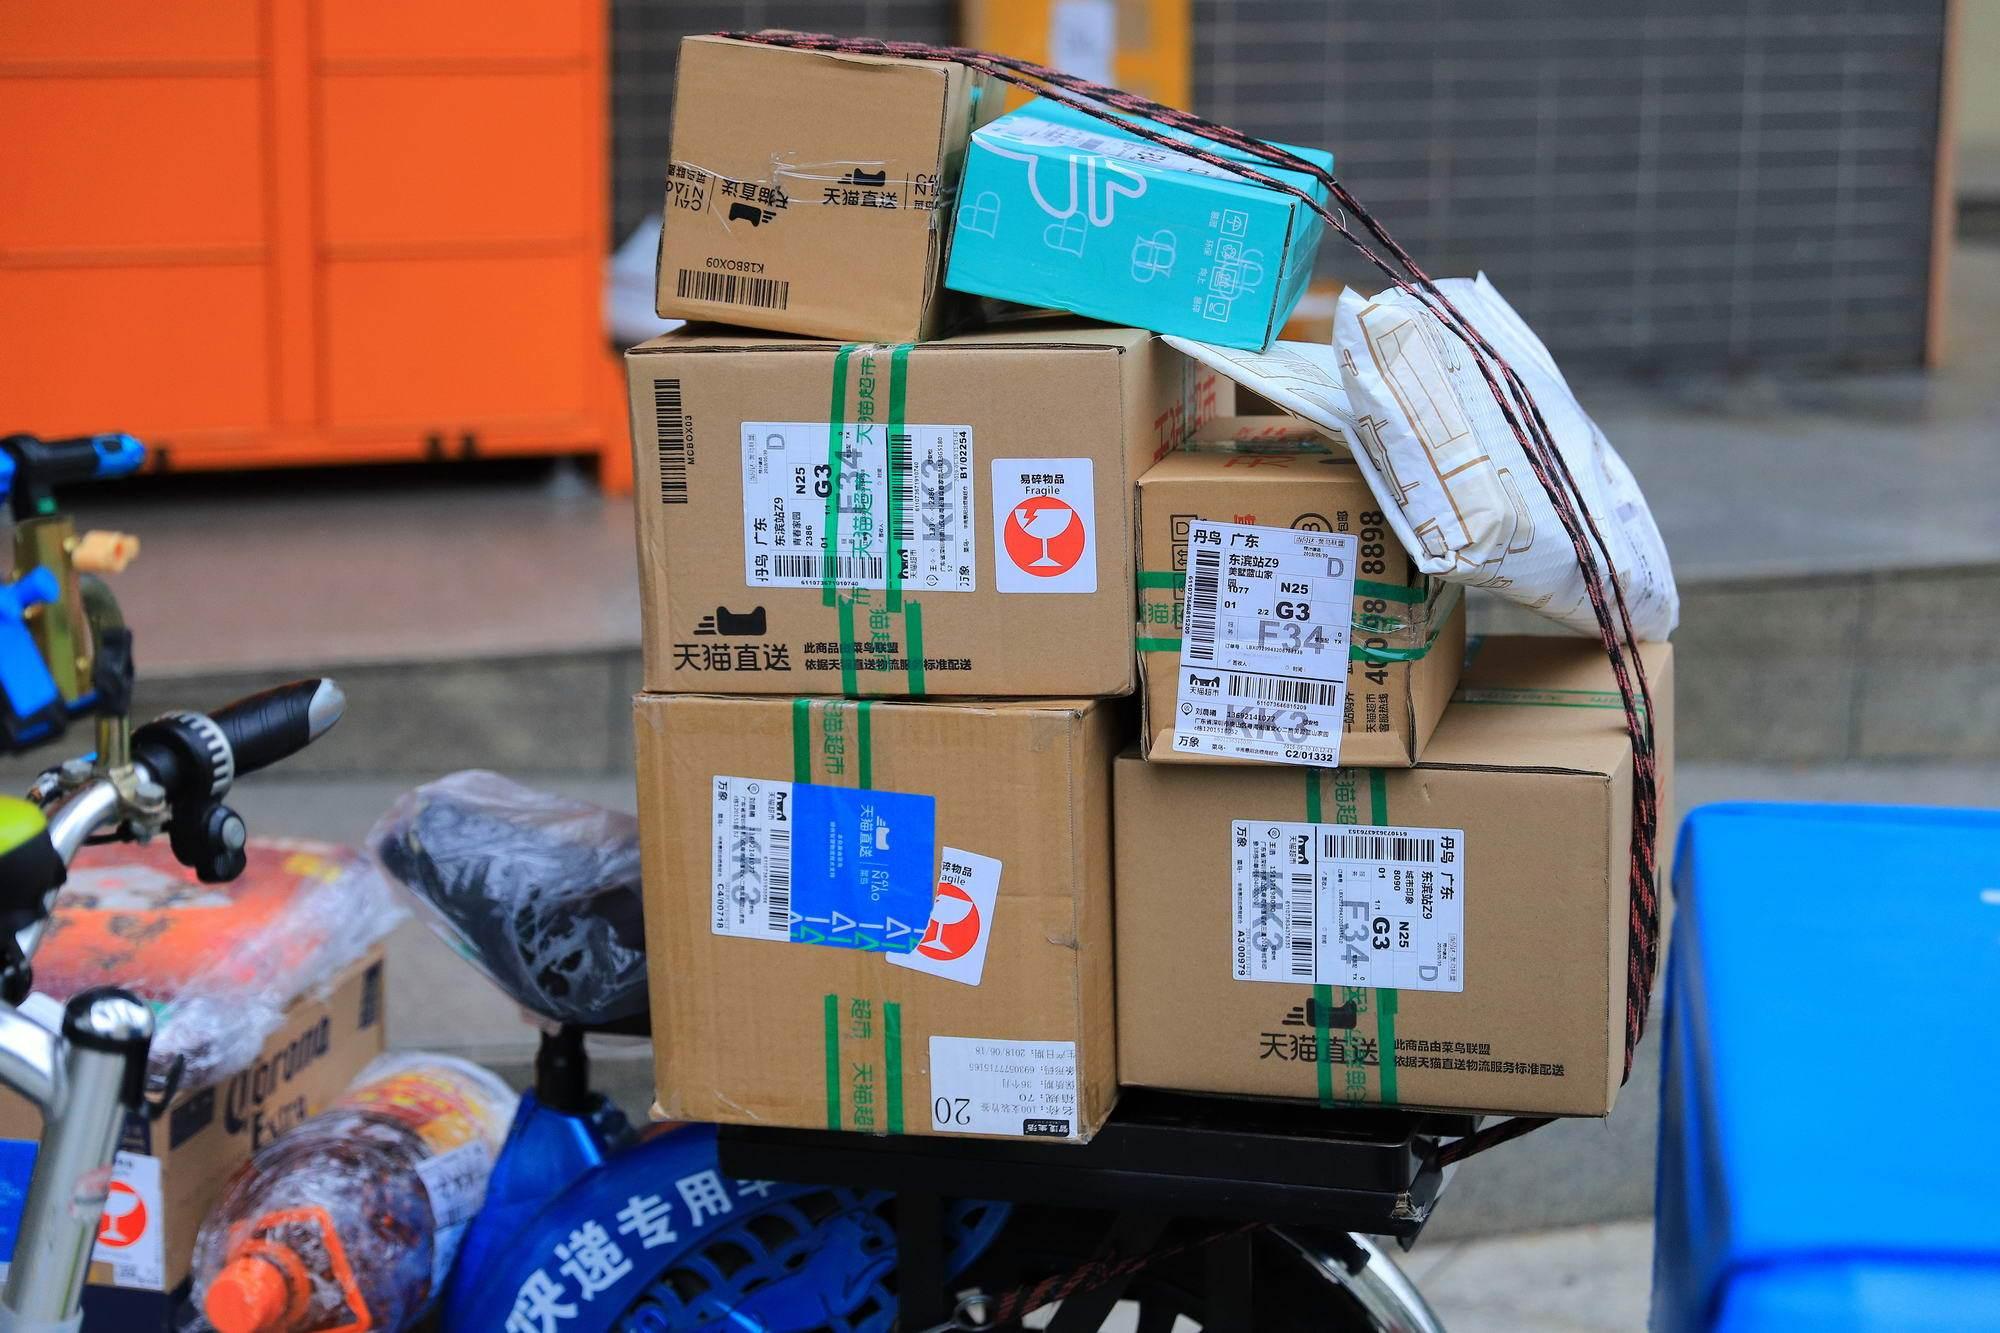 国家邮政局:中秋假期全国共揽投快递包裹近18亿件